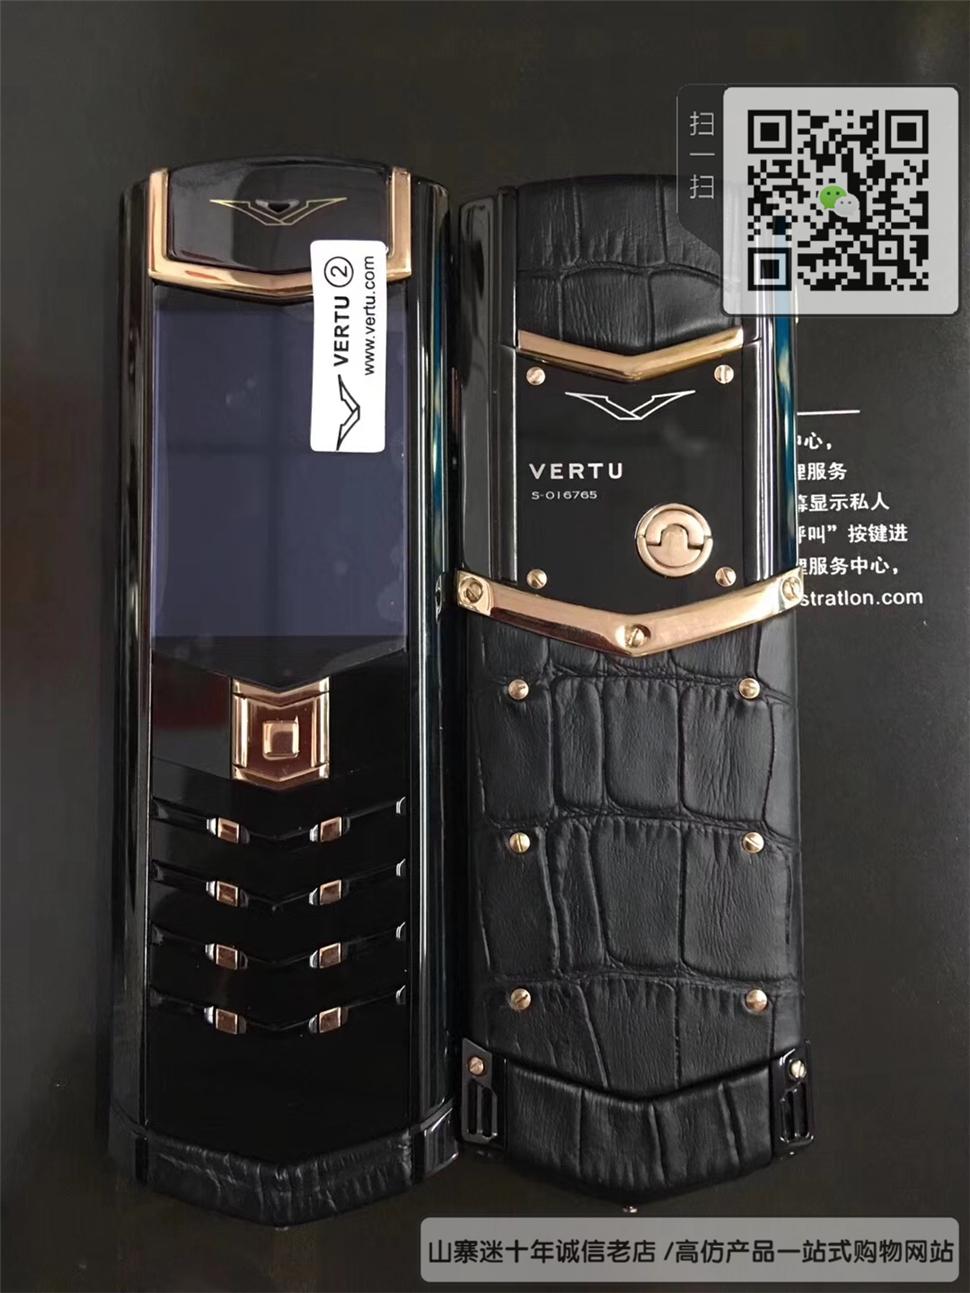 高仿纬图VERTU直板手机-黑色+玫瑰金色-鳄鱼皮-隐藏键盘 ☼